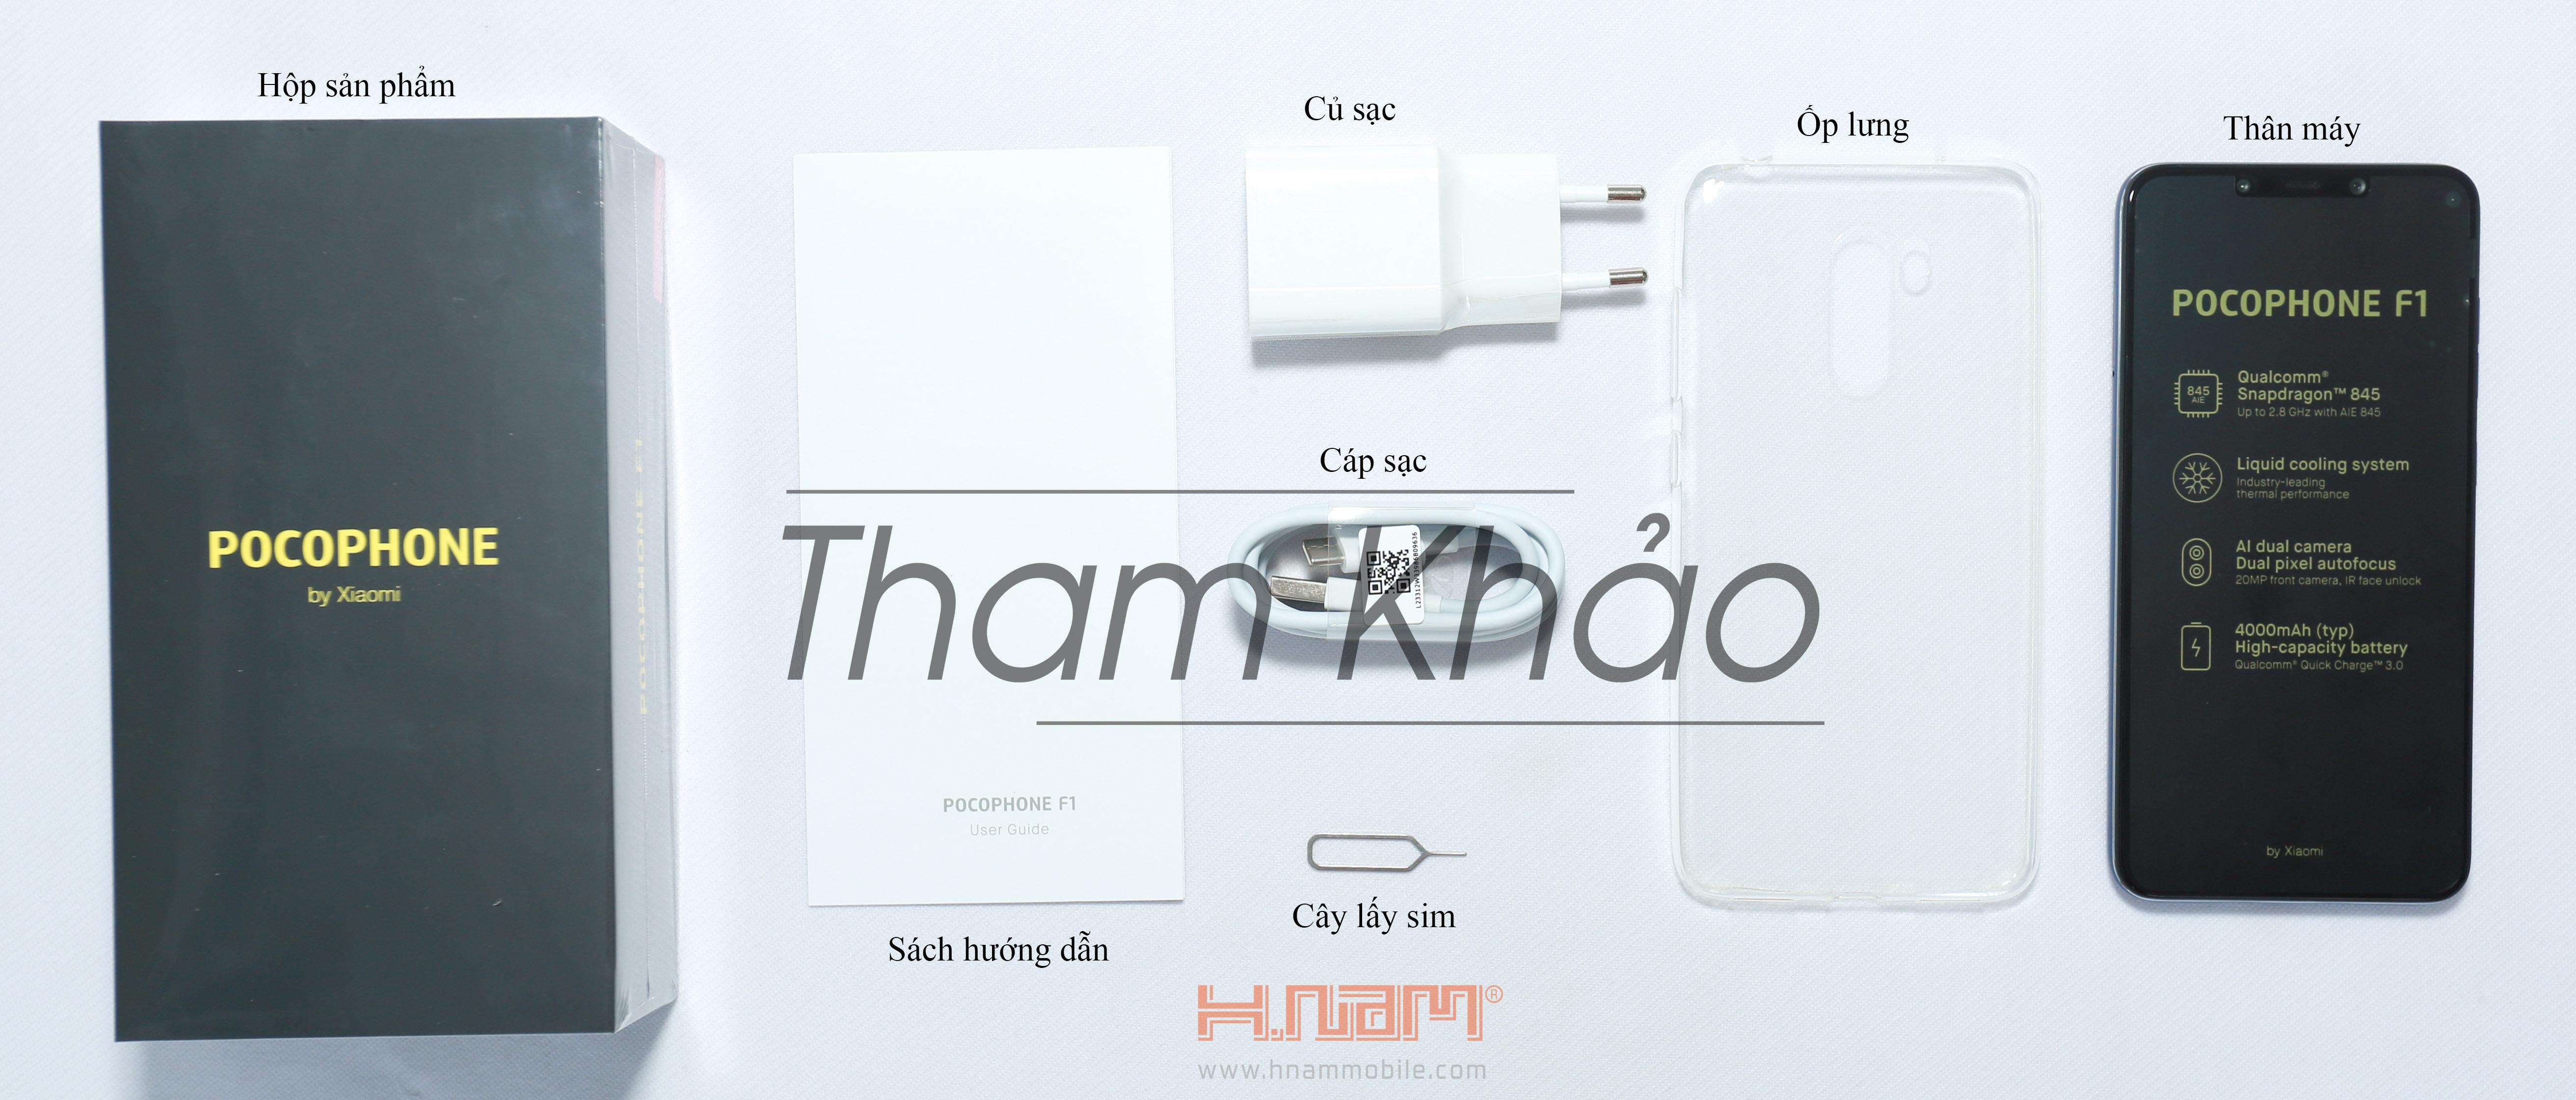 Xiaomi PocoPhone F1 64Gb Ram 6Gb hình sản phẩm 0